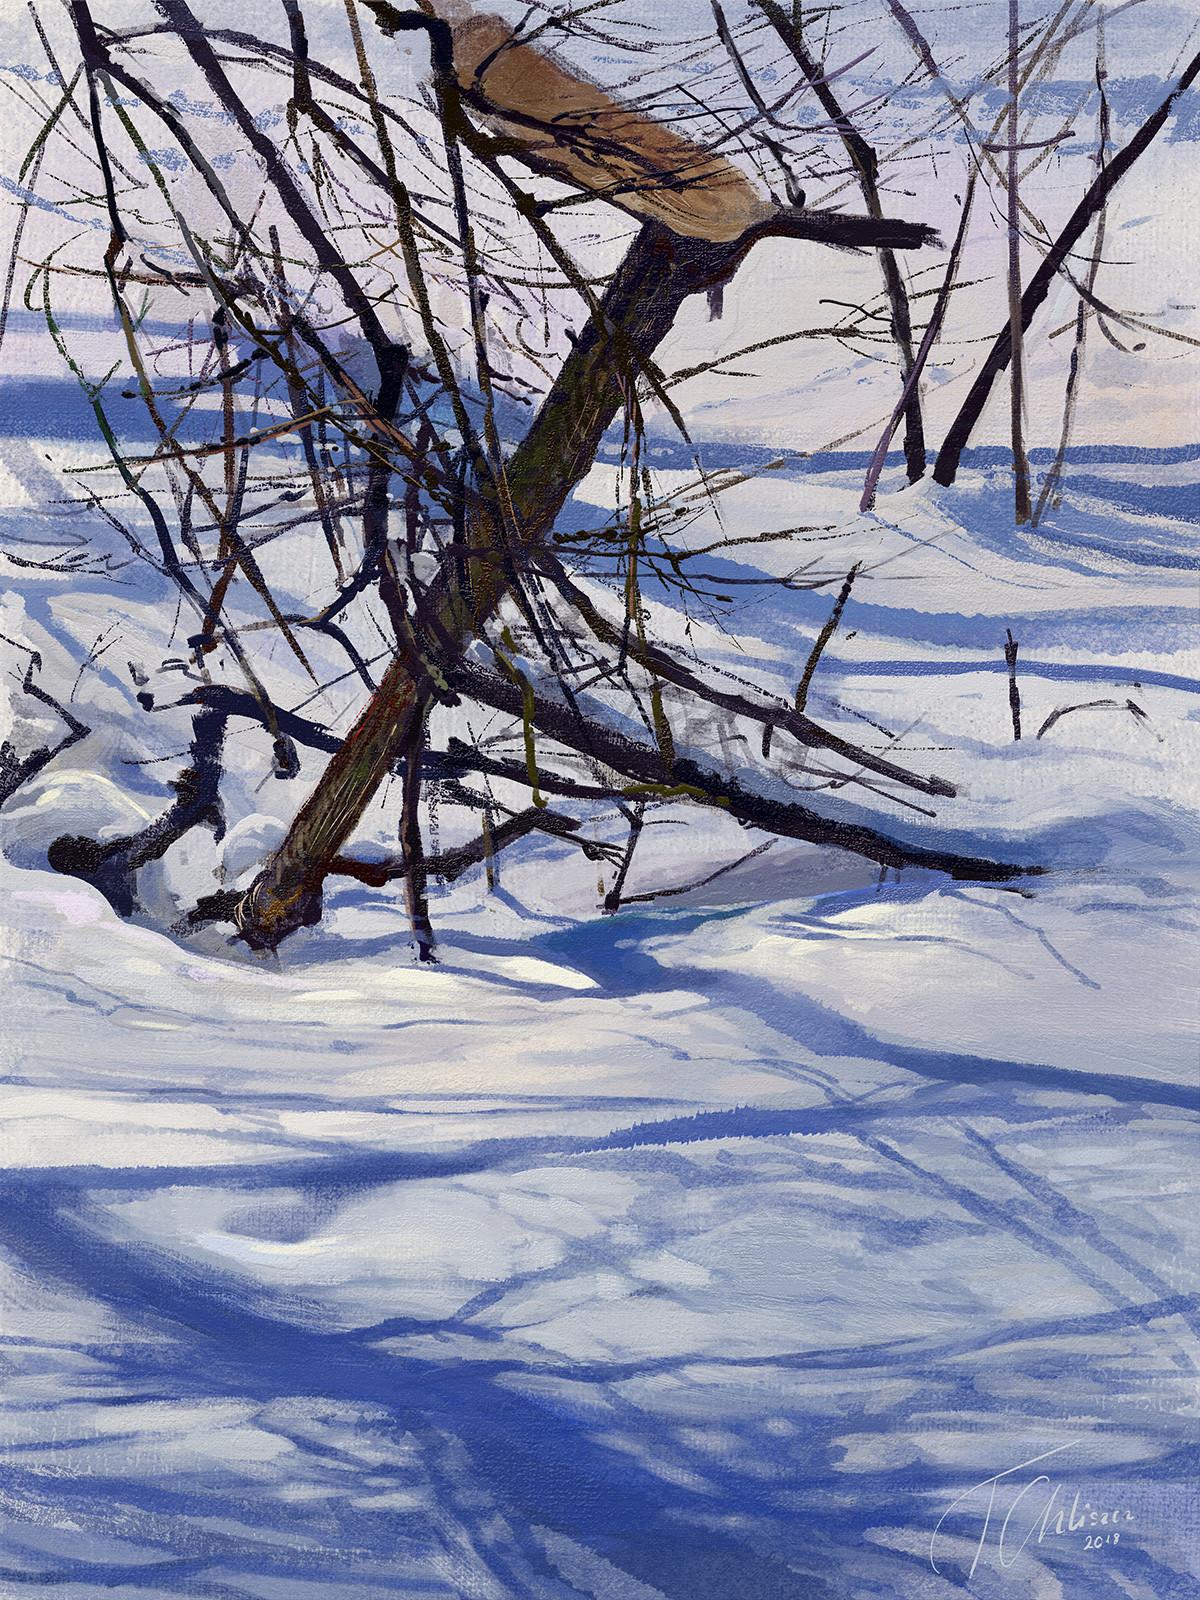 Tymoteusz chliszcz landscape81 by chliszcz